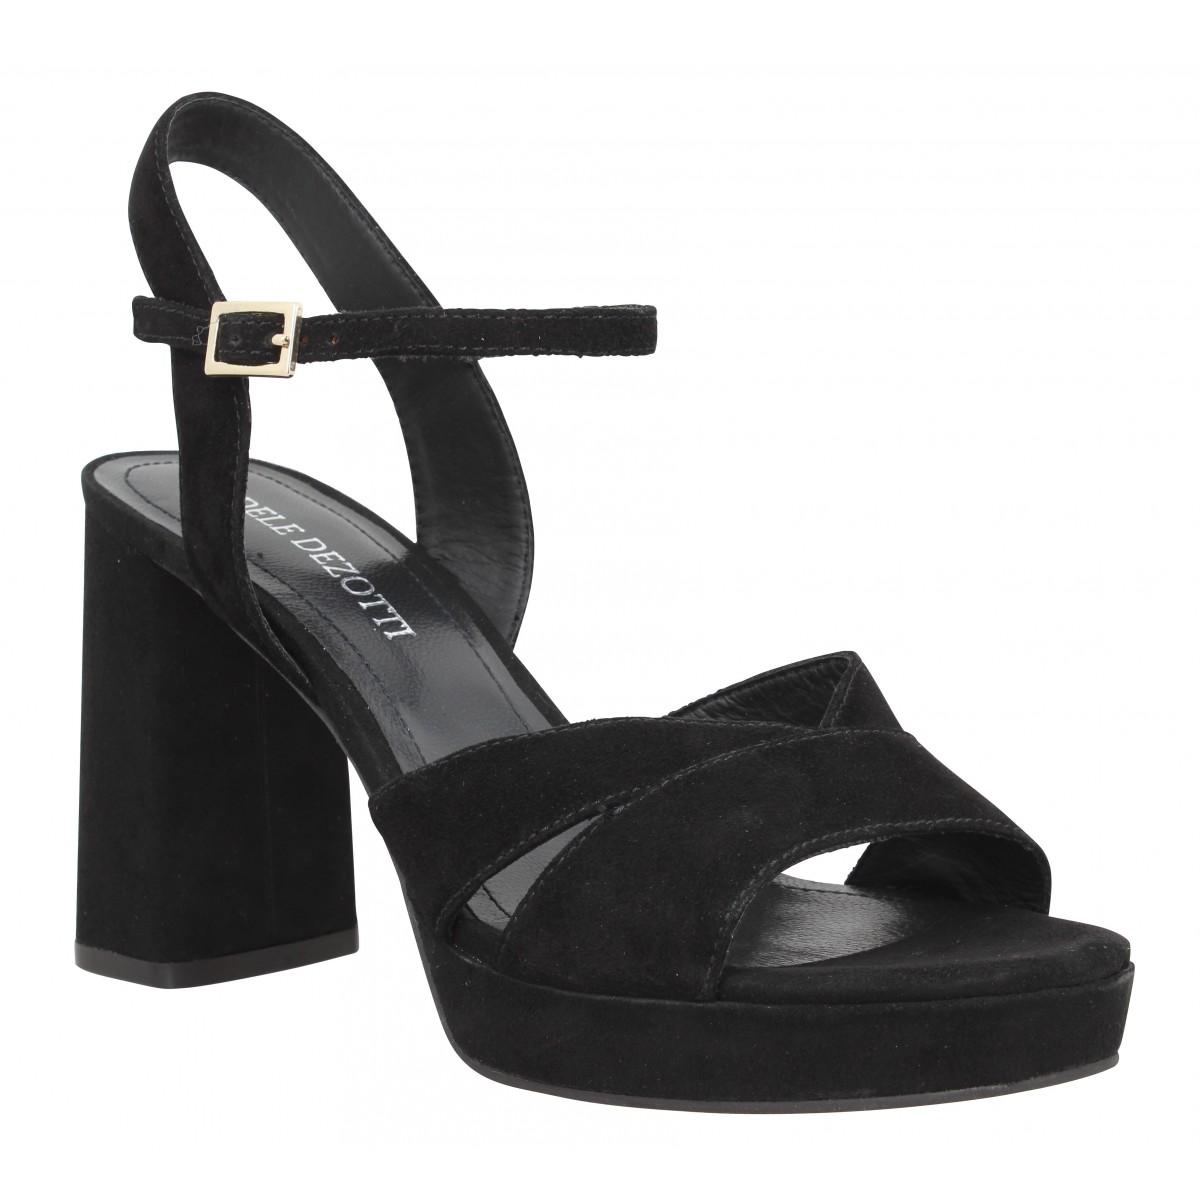 Sandales talons ADELE DEZOTTI 2900 velours Femme Noir